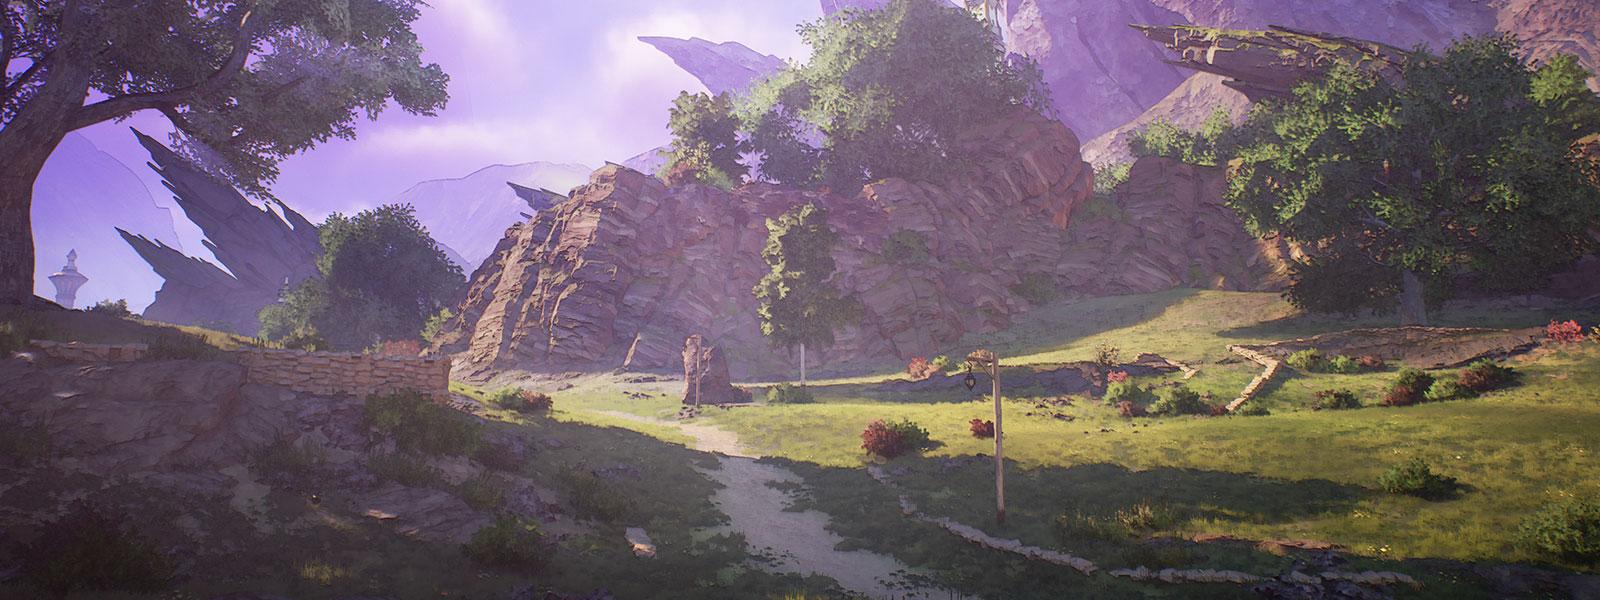 Scène d'un sentier avec des arbres et des montagnes Rocheuses